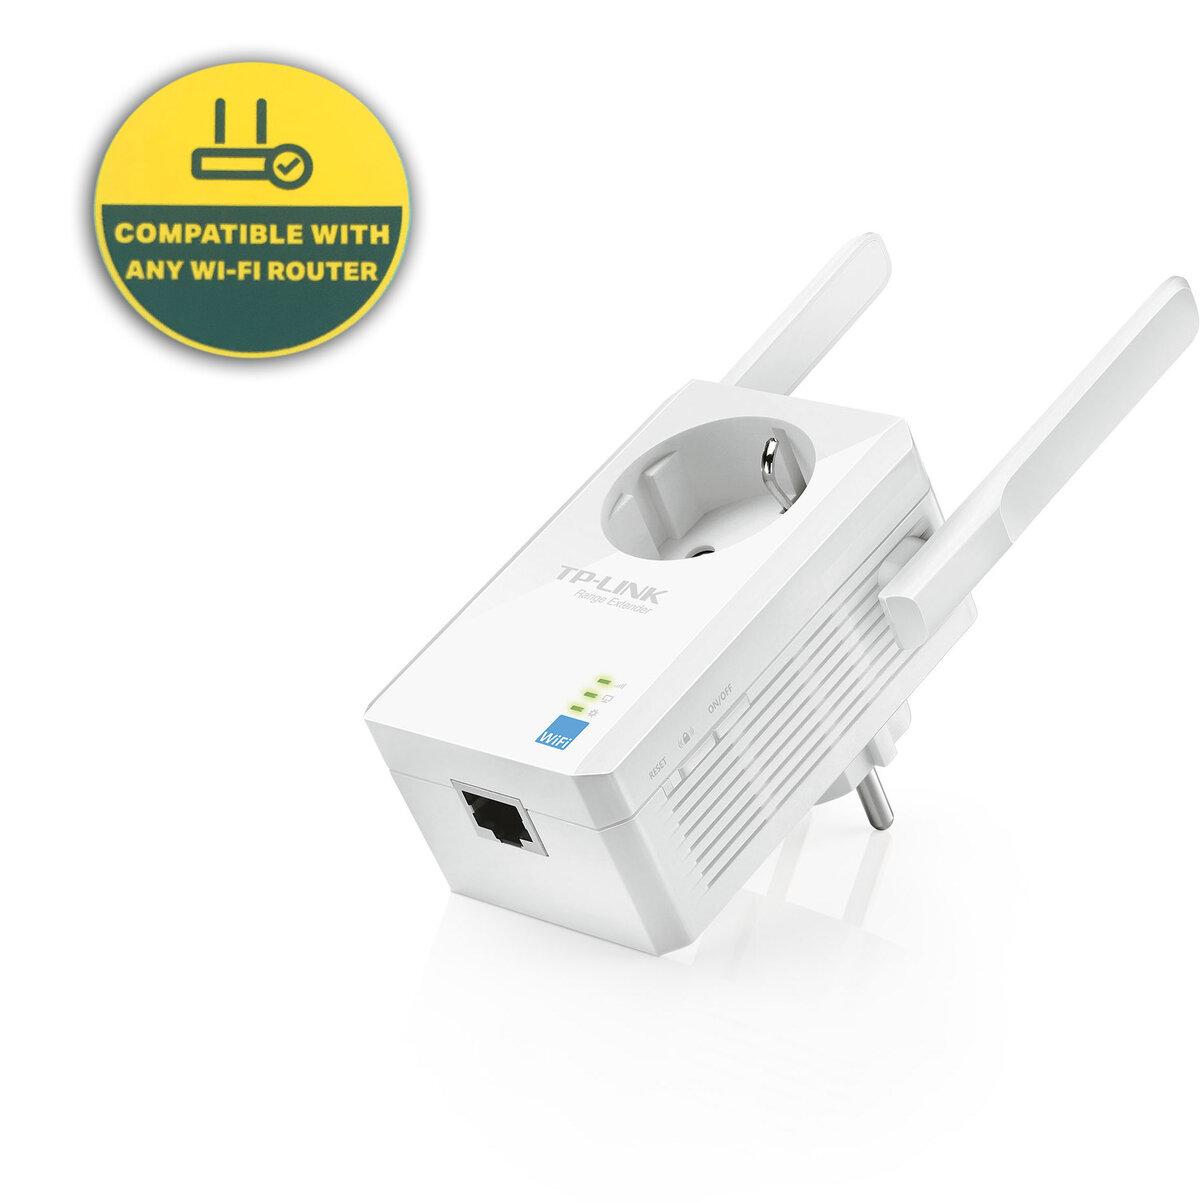 Усилитель Wi-Fi сигнала в Рязани